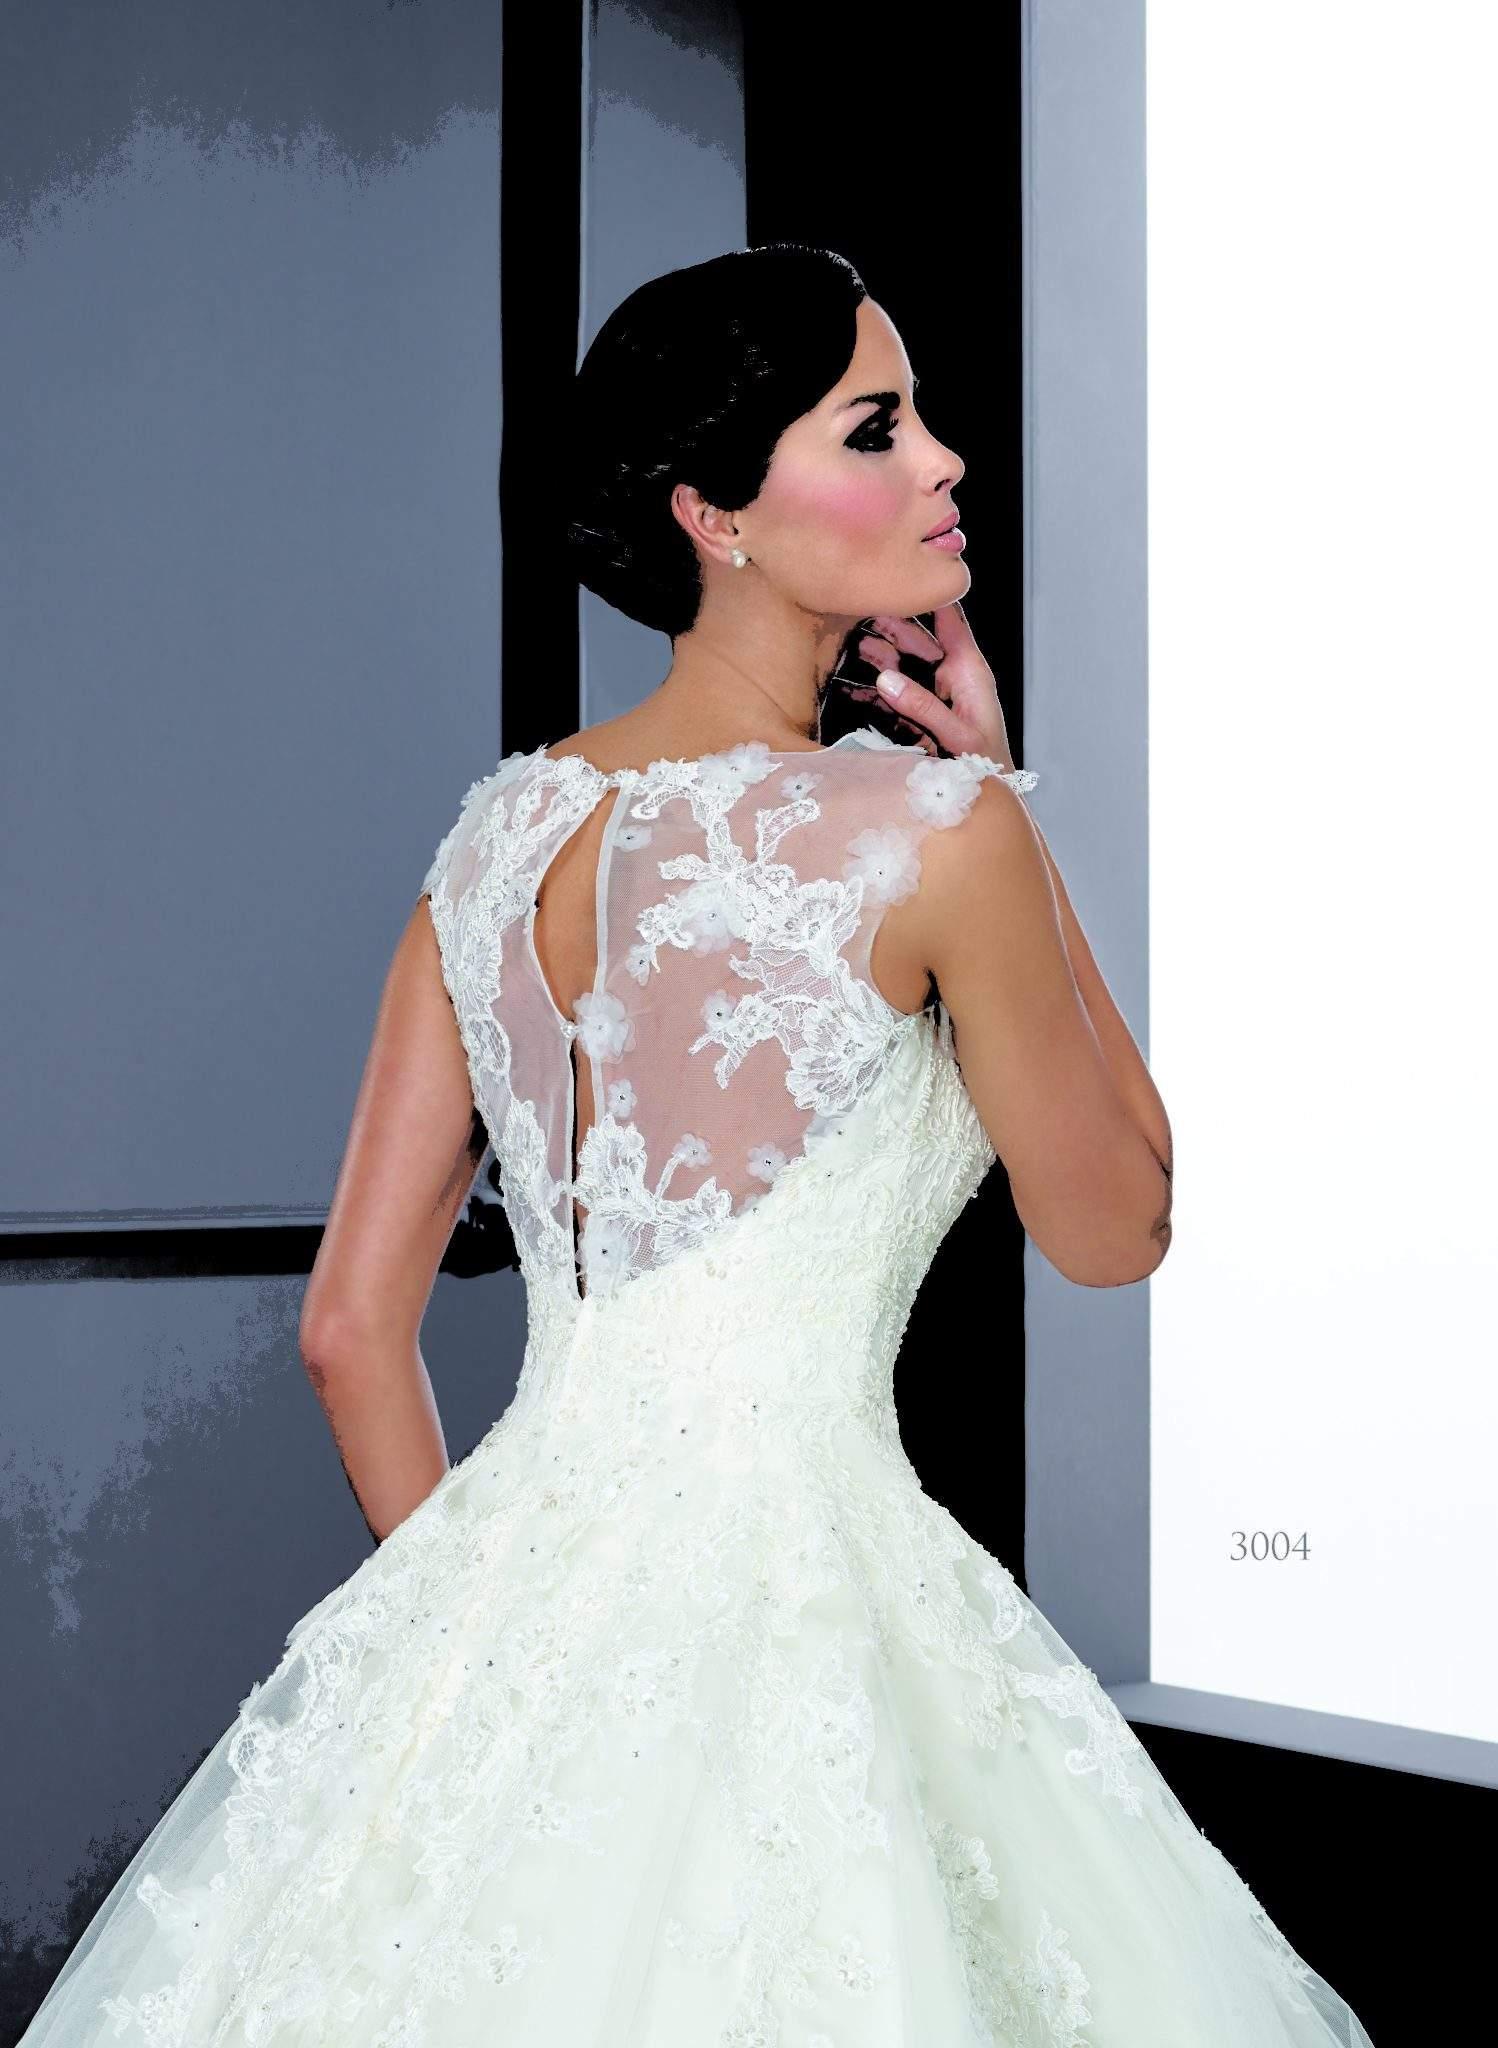 Bescheidene Brautkleider - Darius Cordell Fashion Ltd